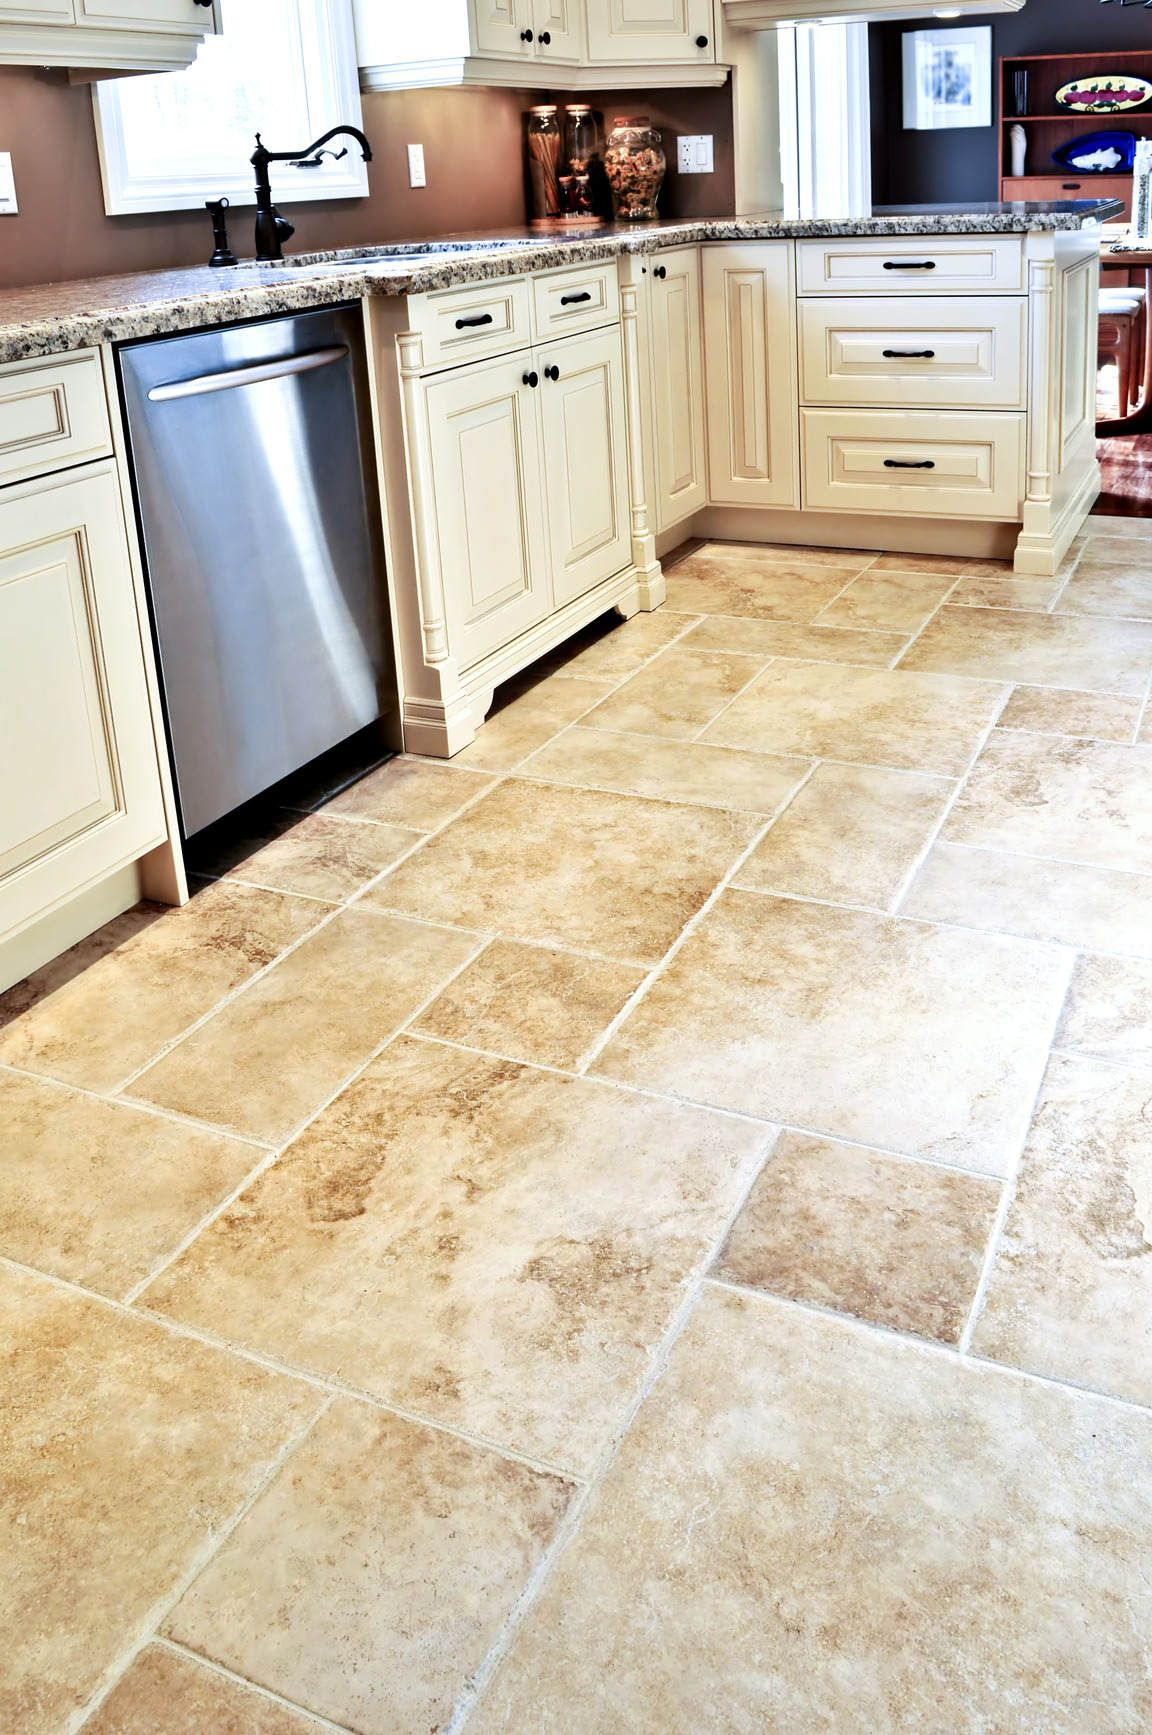 depiction of rectangular floor tile design   interior design ideas